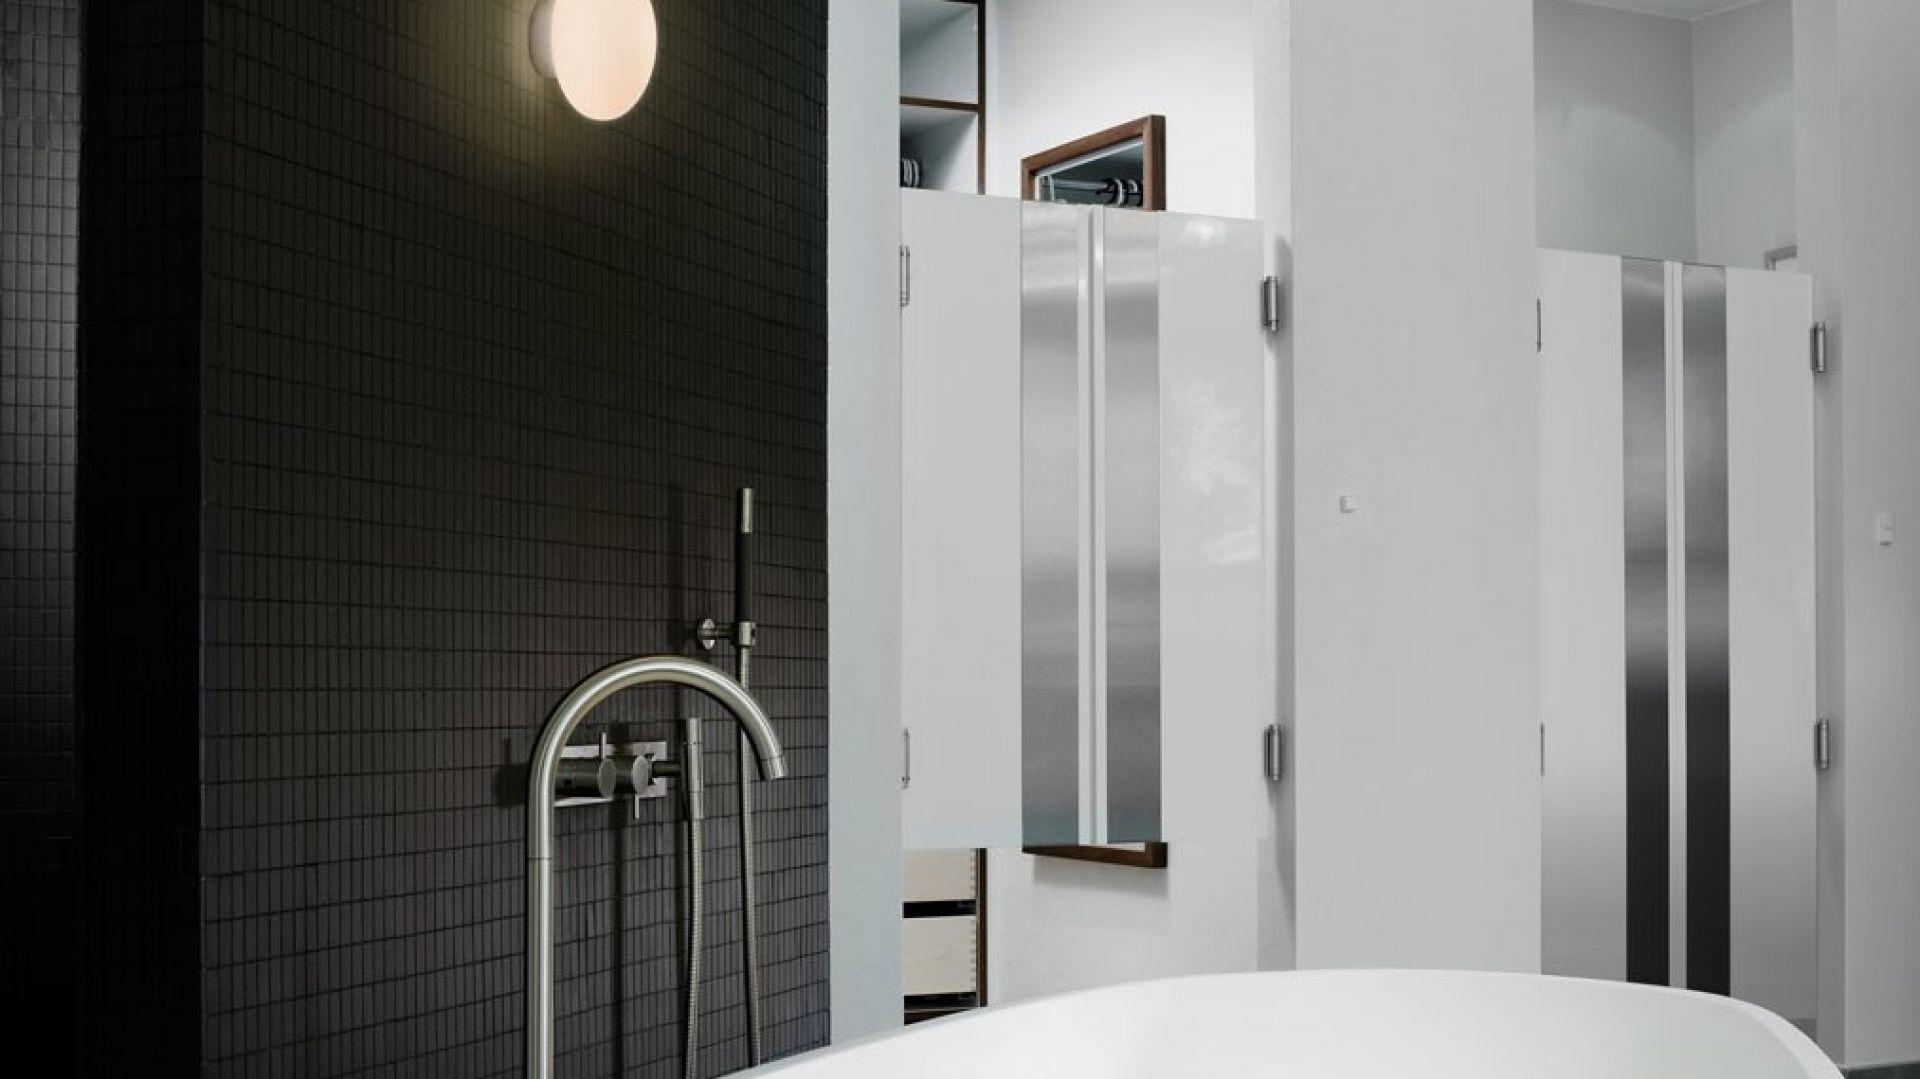 Oświetlenie w łazience: kinkiet Zeppo. Fot. Tomix.pl